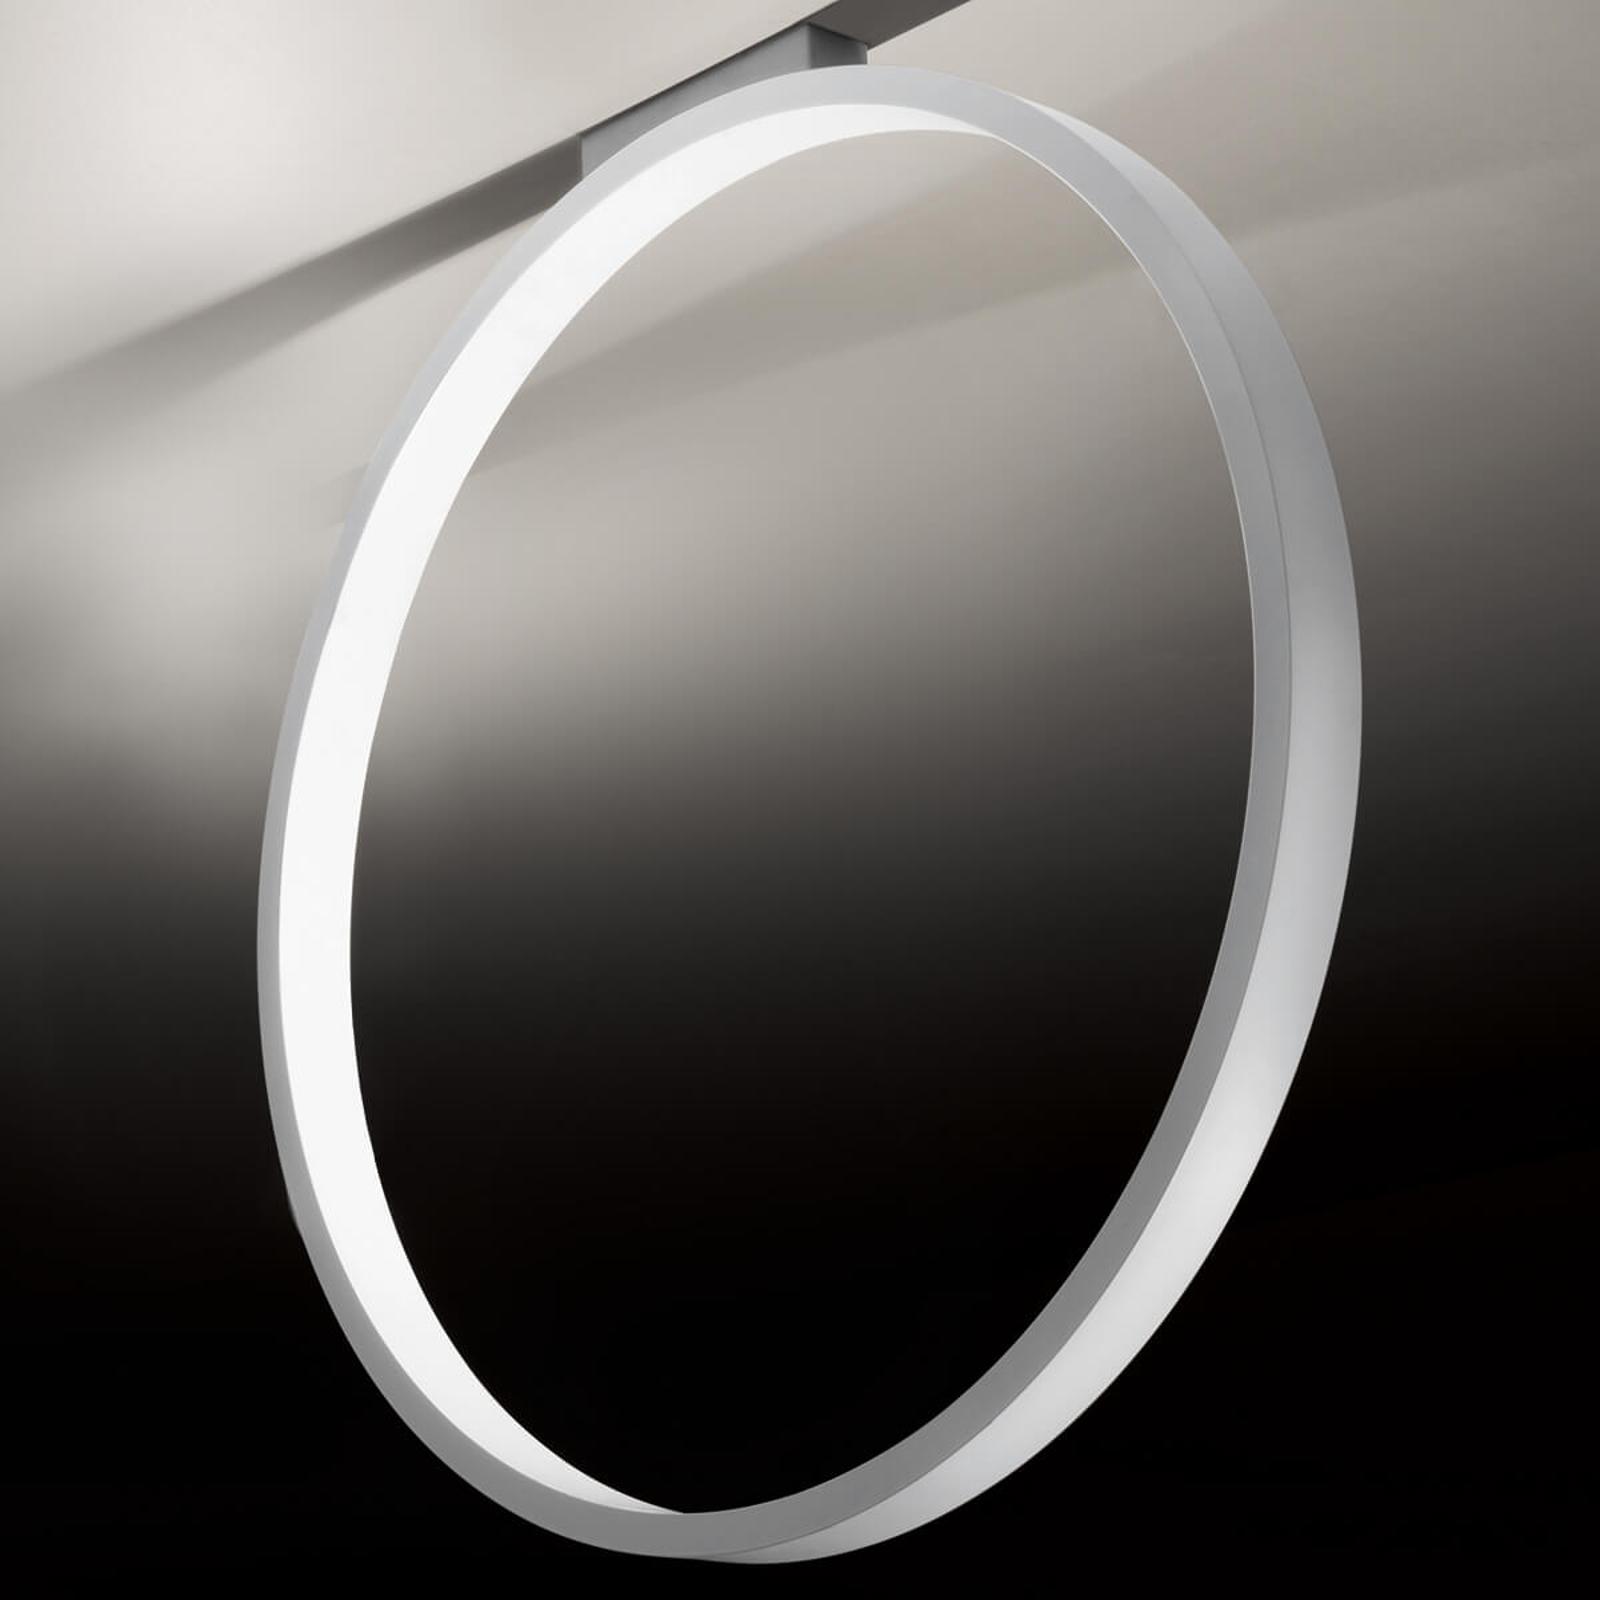 Lampa sufitowa Assolo, pierścień, 70 cm